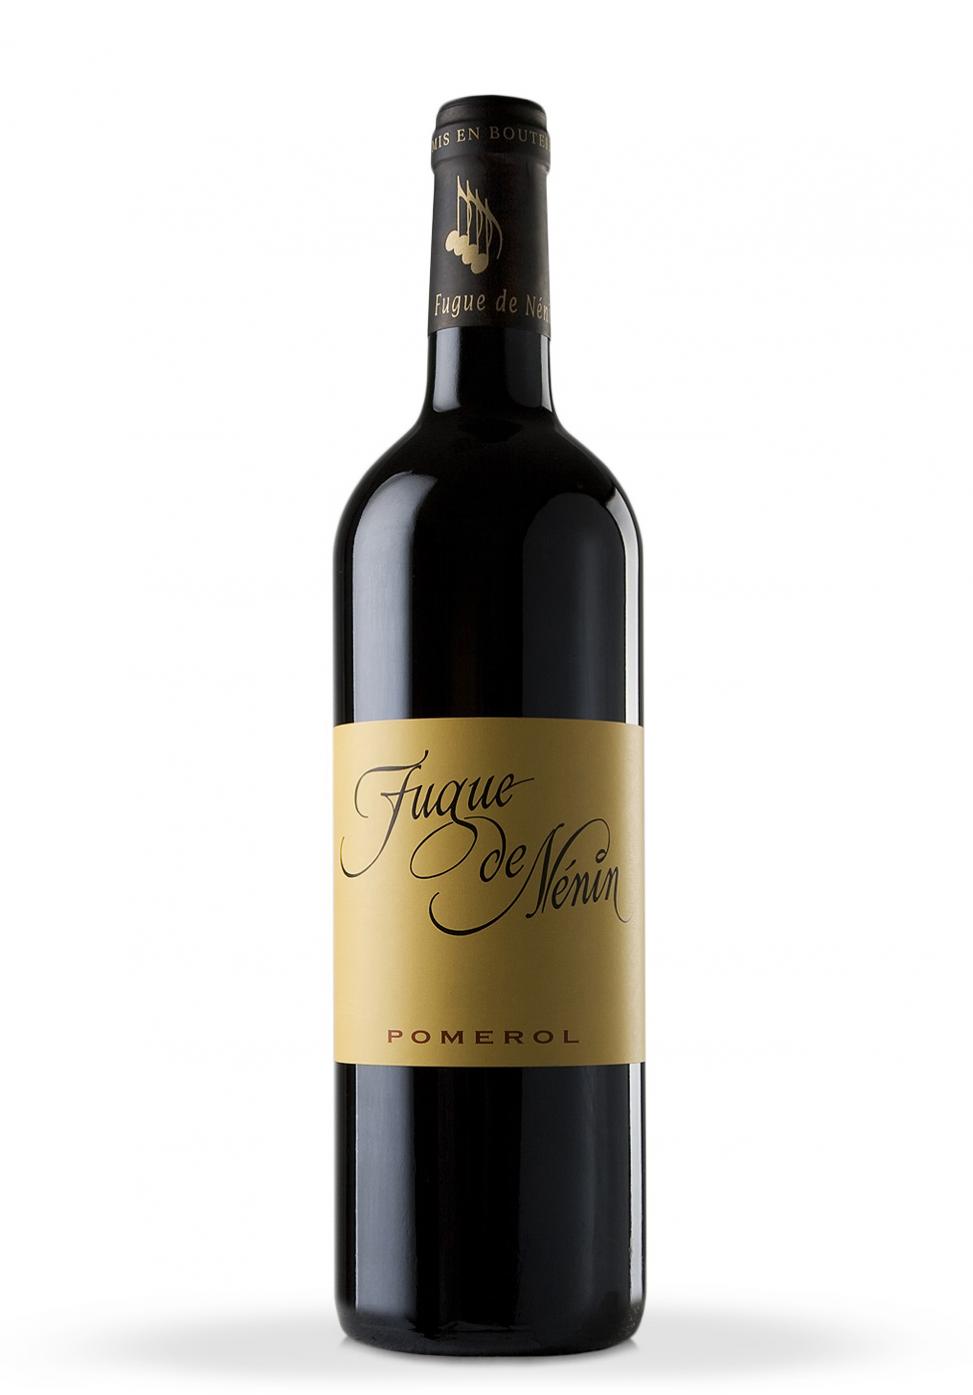 Vin Fugue De Nenin, Pomerol 2008 (0.75L)